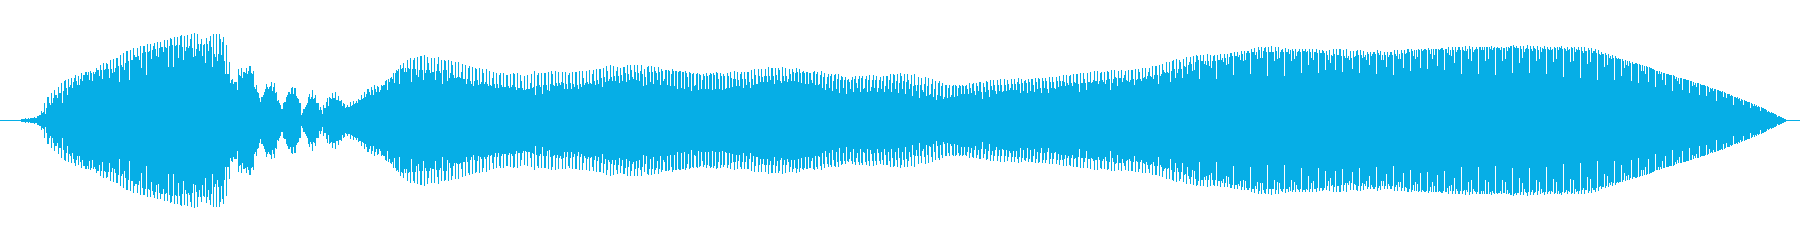 合戦開始 ぼふぉおーの再生済みの波形